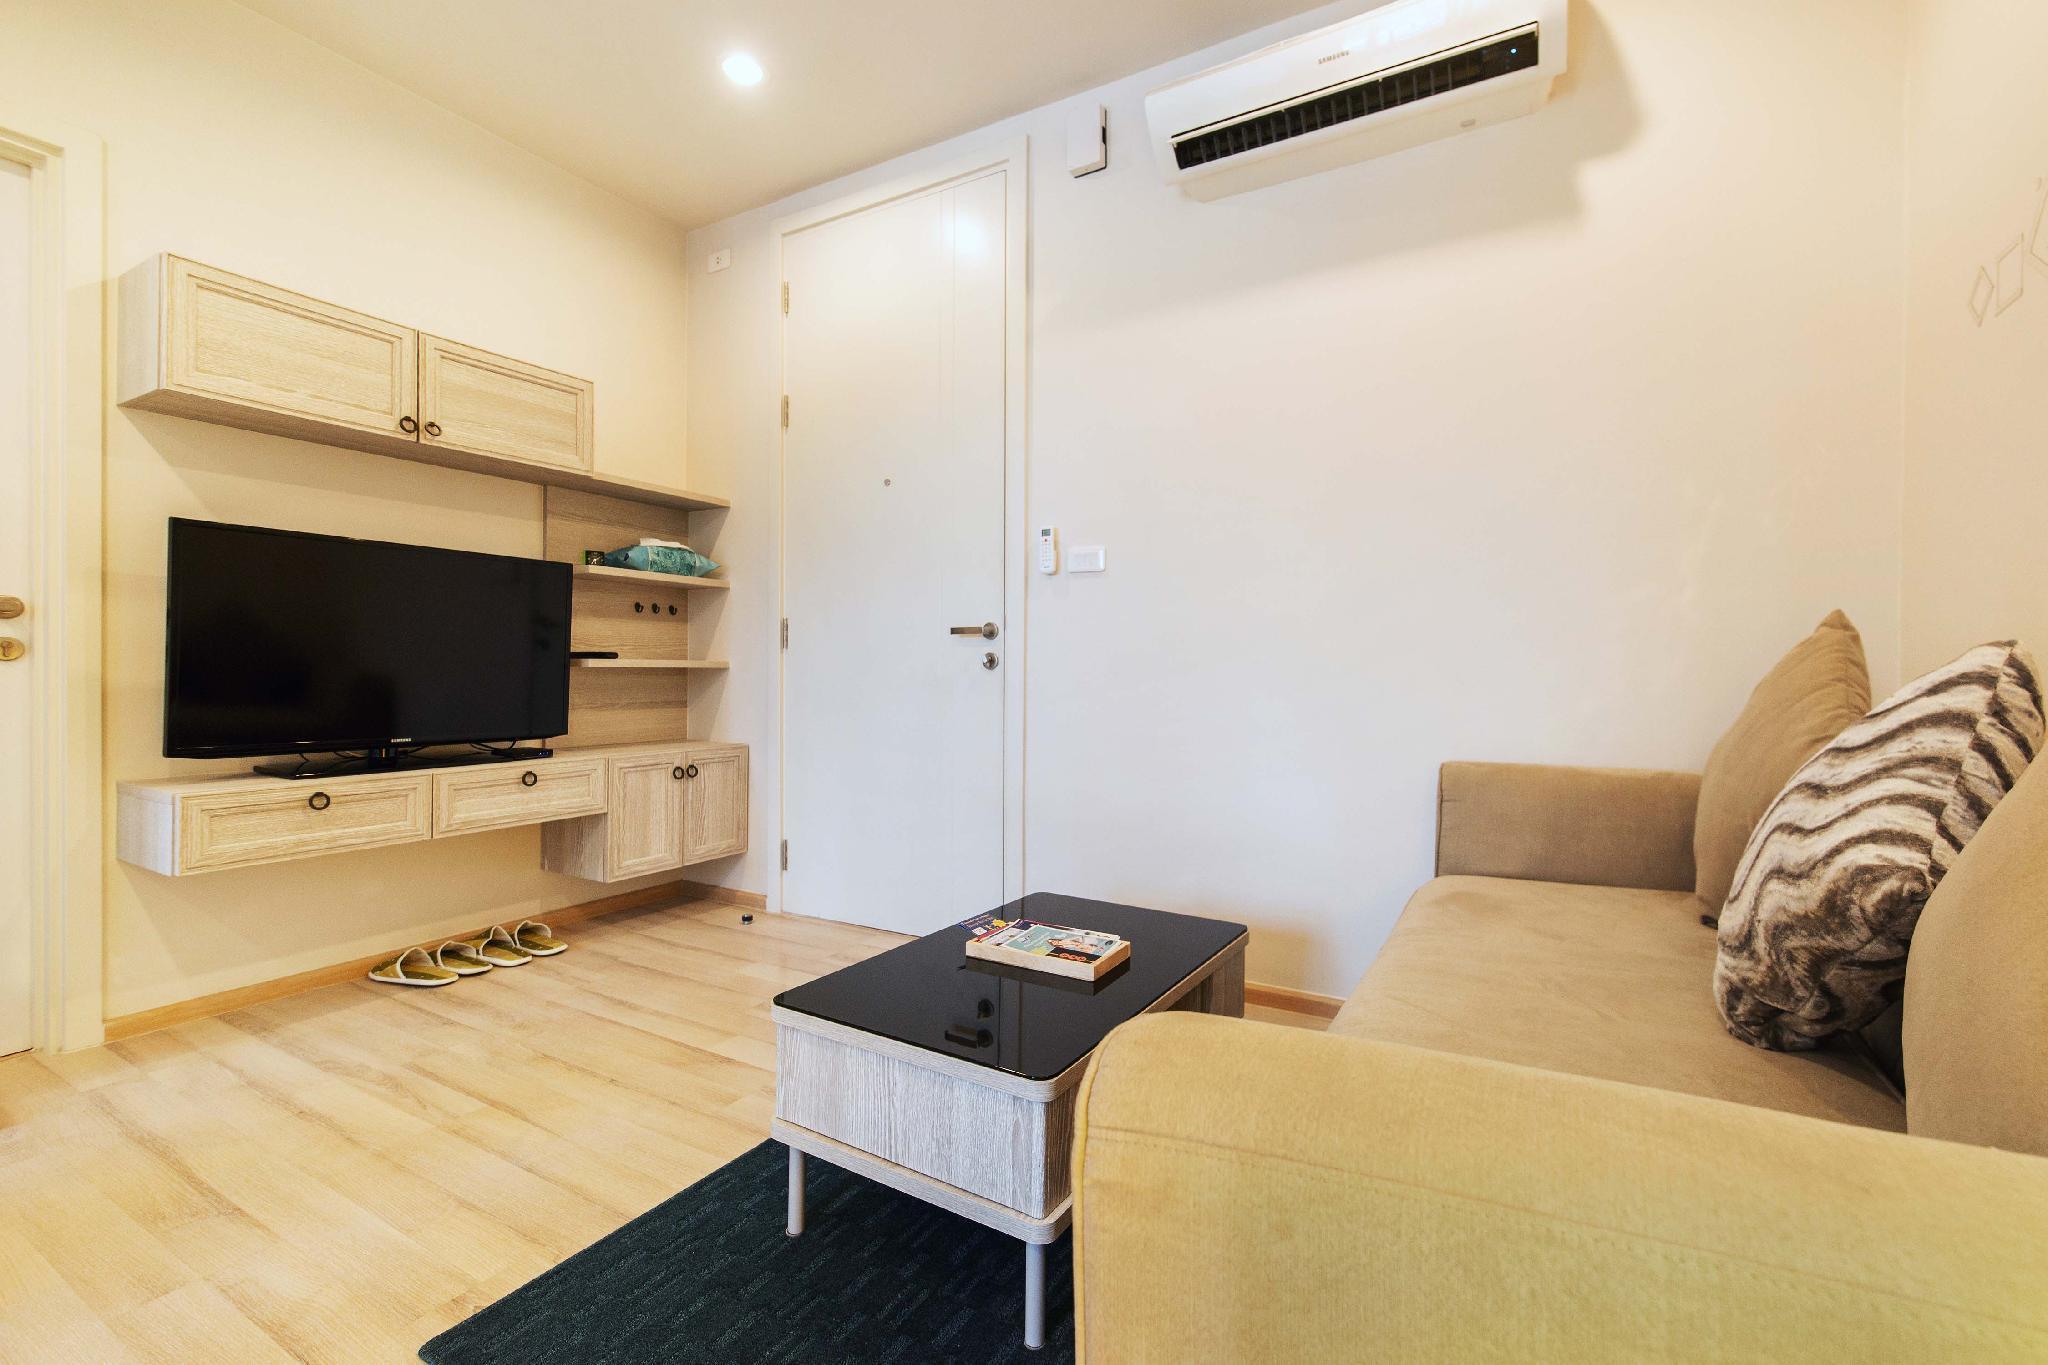 อพาร์ตเมนต์ 1 ห้องนอน 1 ห้องน้ำส่วนตัว ขนาด 35 ตร.ม. – ภูเก็ตทาว์น